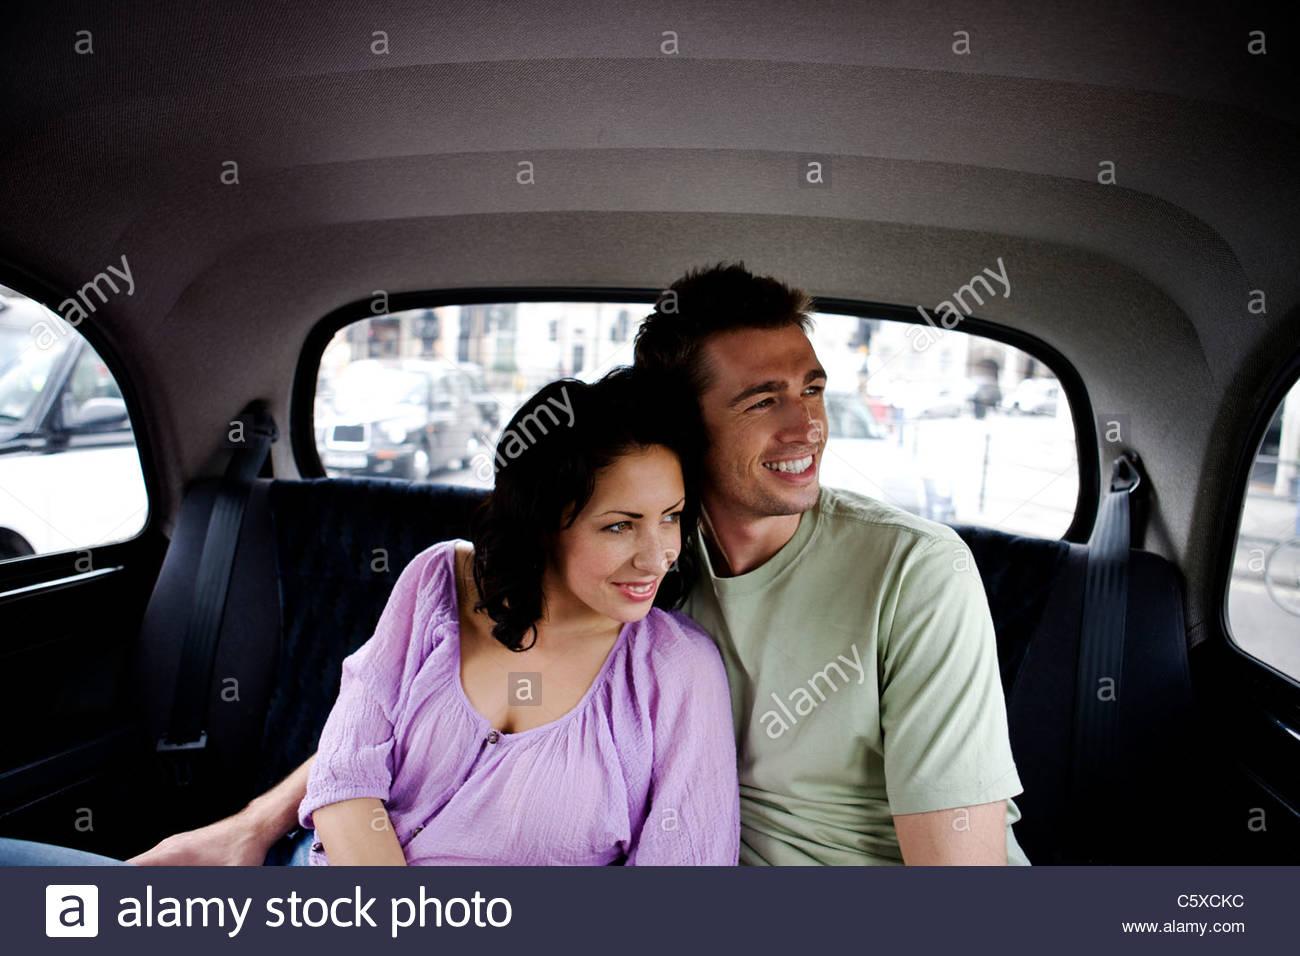 Ein junges Paar in einem London-Taxi, bewundern Sie die Aussicht Stockbild